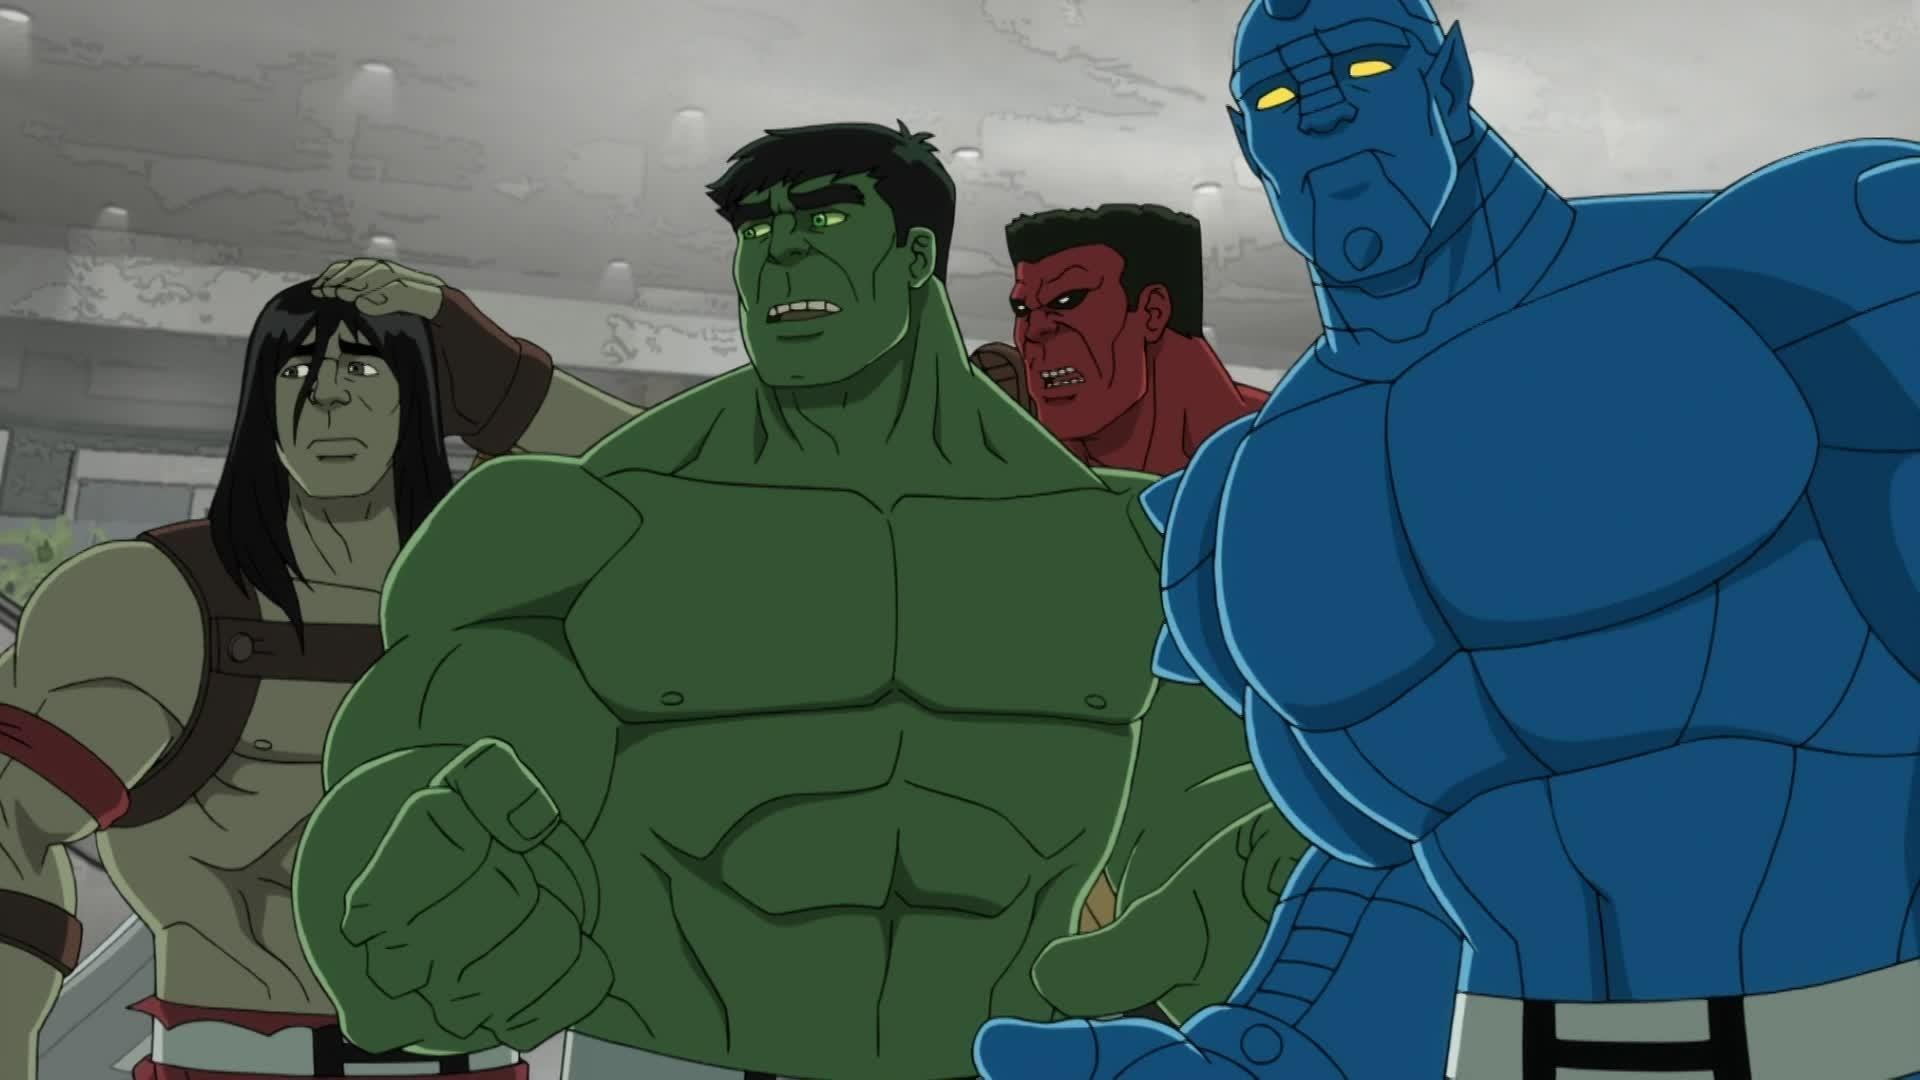 Marvel Hulk et les Agents du S.M.A.S.H - Cyborg contre Super Skrull